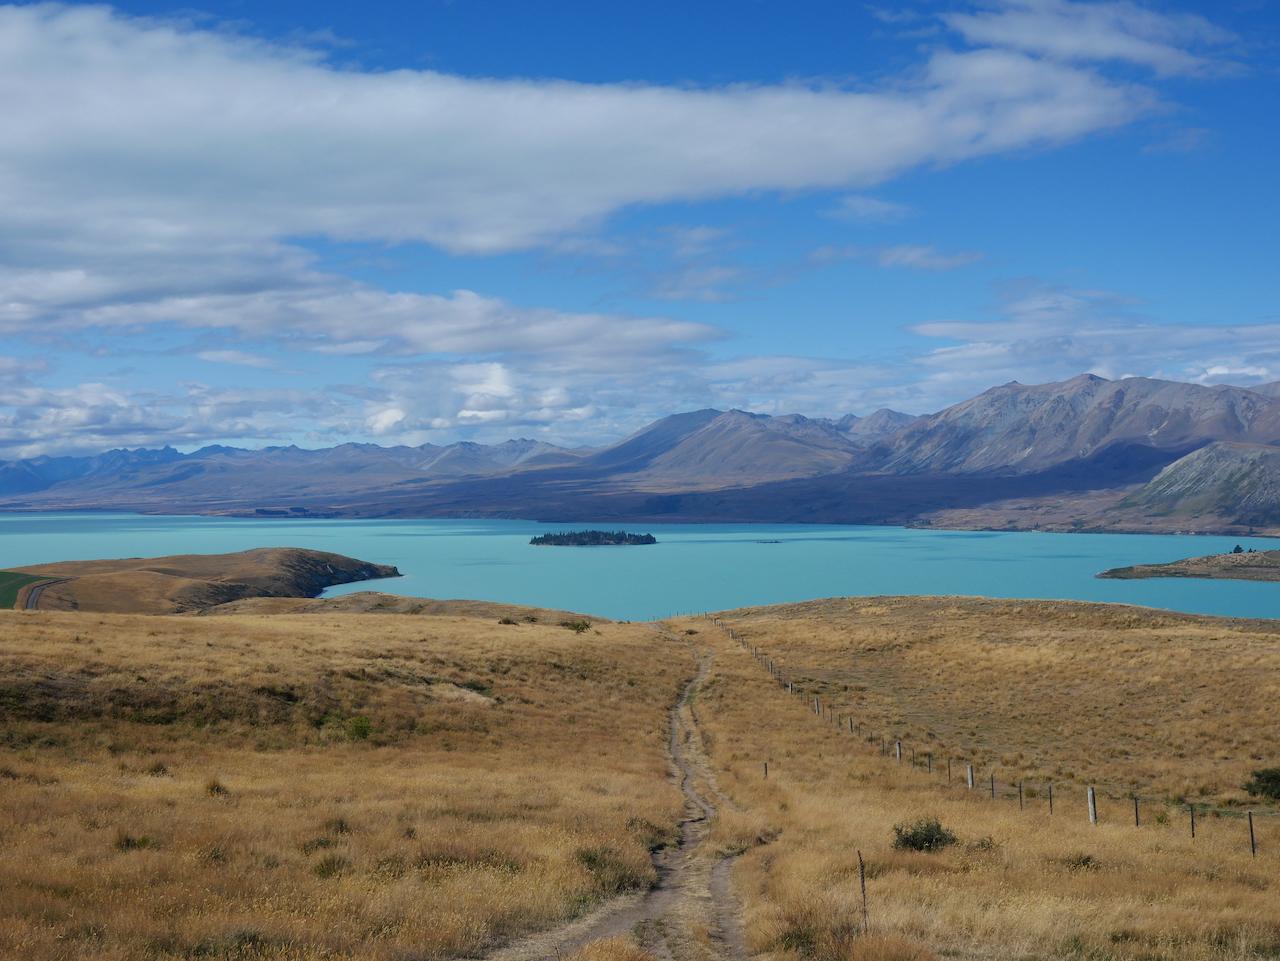 Sur l'île du Sud de la Nouvelle Zélande #5 : le Lac Tekapo